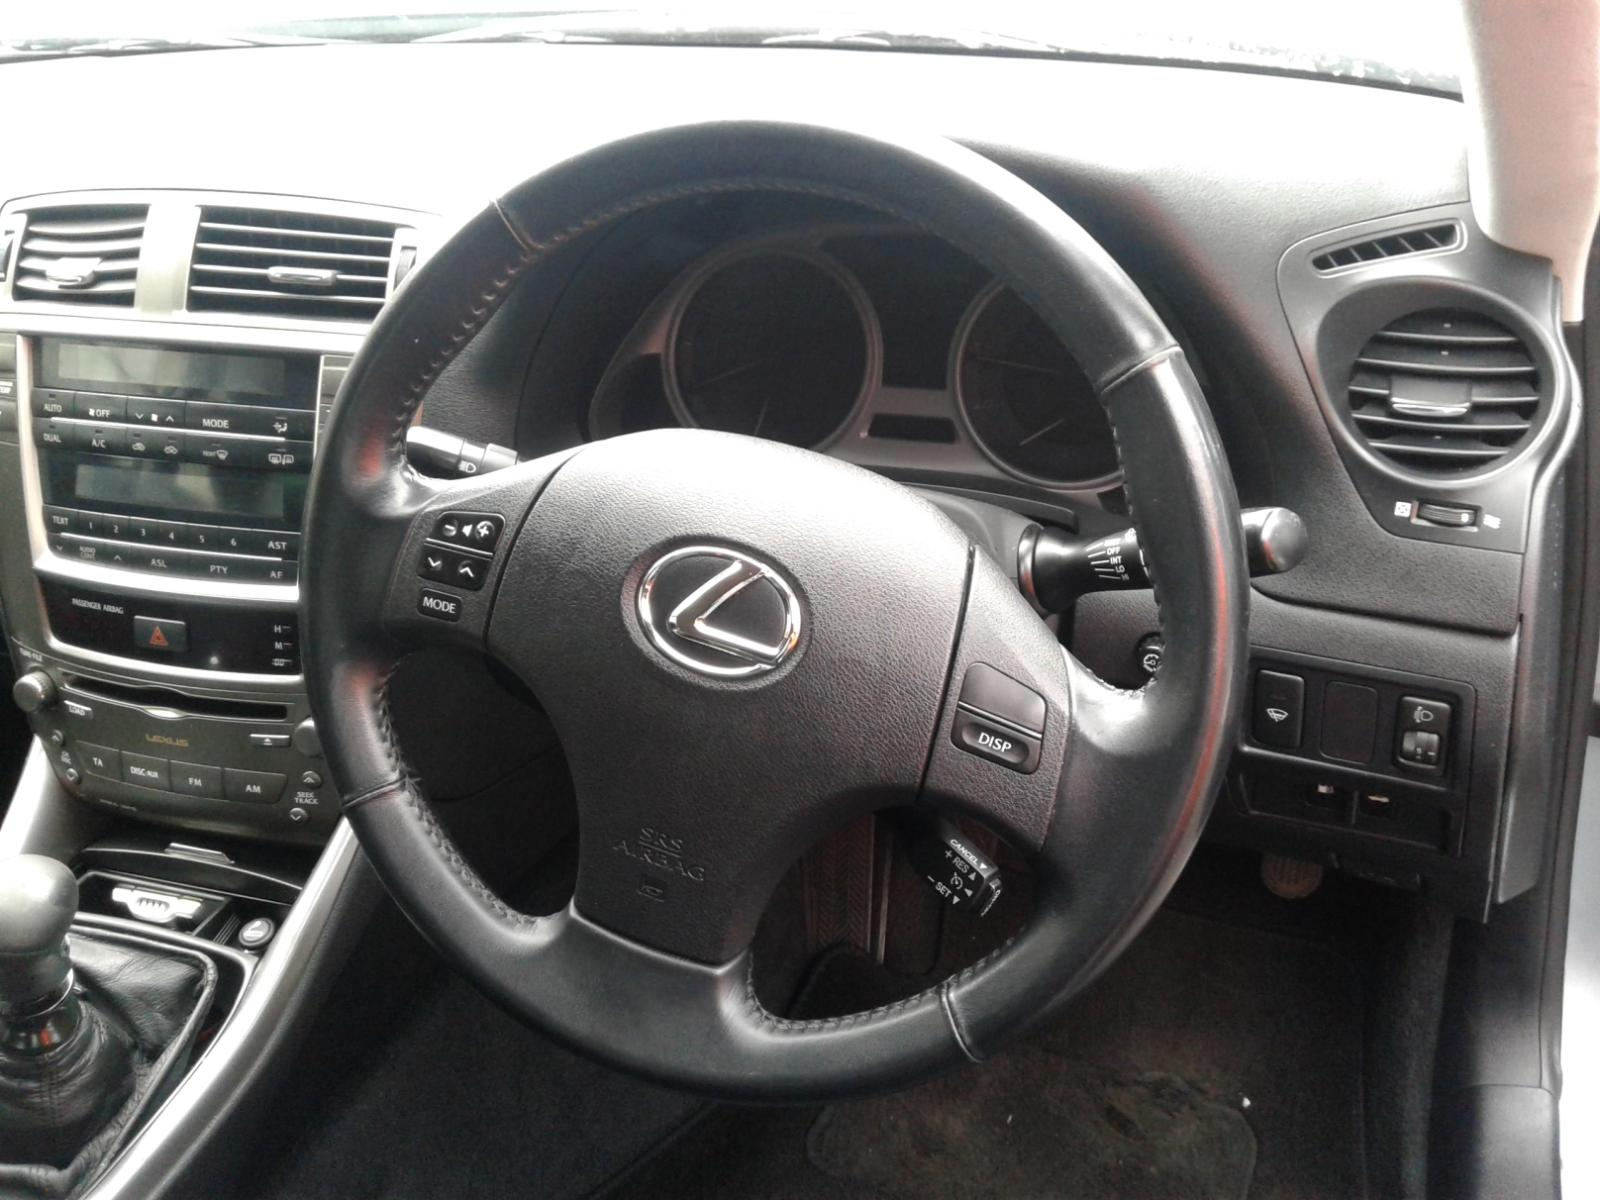 View Auto part LEXUS IS SERIES 2008 4 Door Saloon